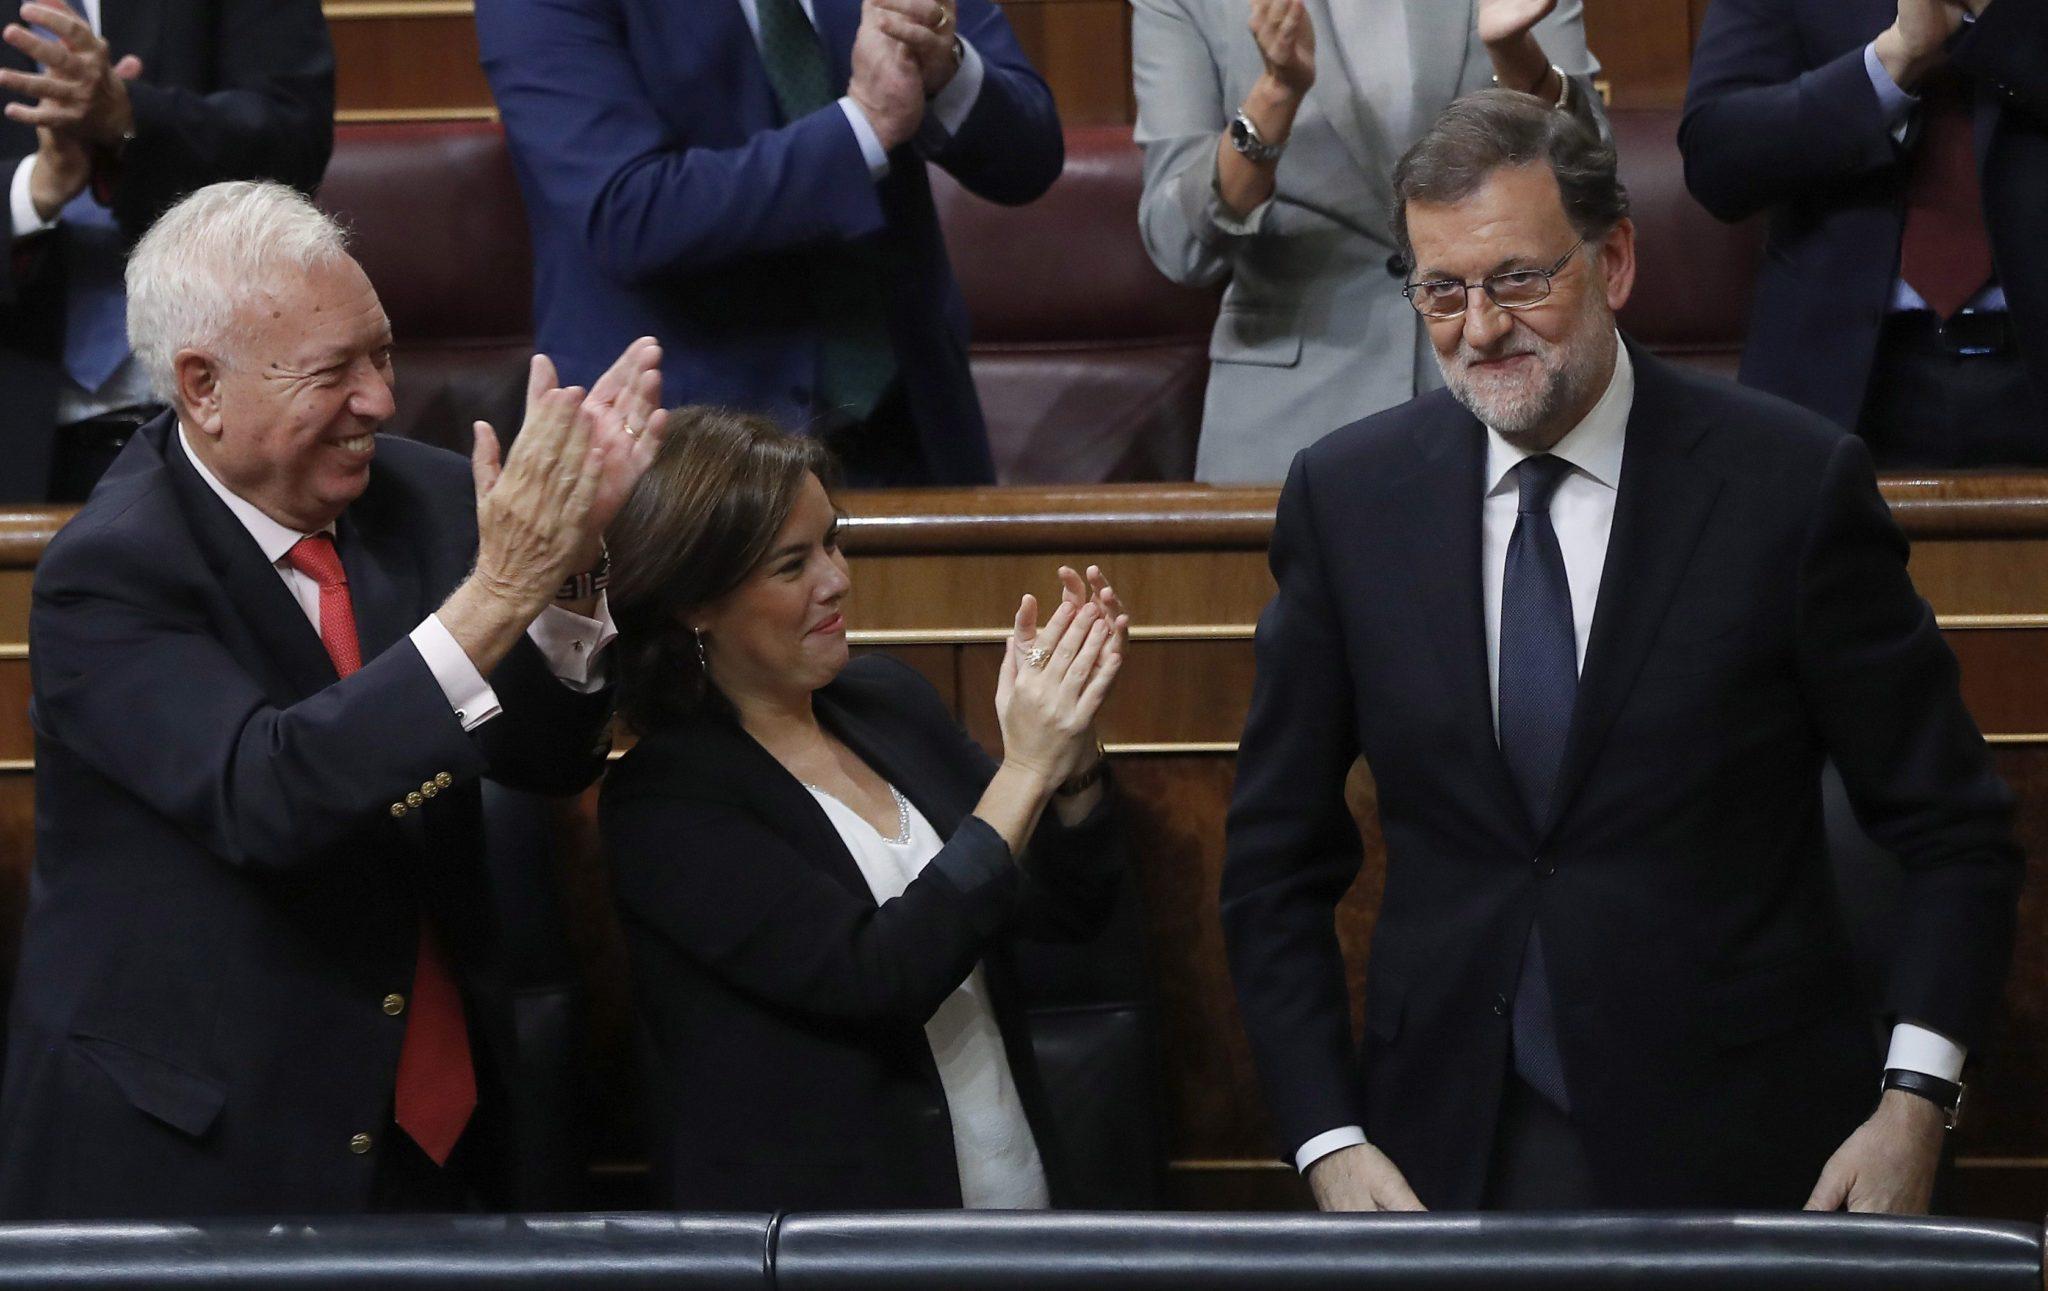 Lider centroprawicowej Partii Ludowej (PP) Mariano Rajoy został w sobotę wieczorem wybrany przez Kongres Deputowanych na szefa mniejszościowego rządu hiszpańskiego. fot. PAP/EPA.